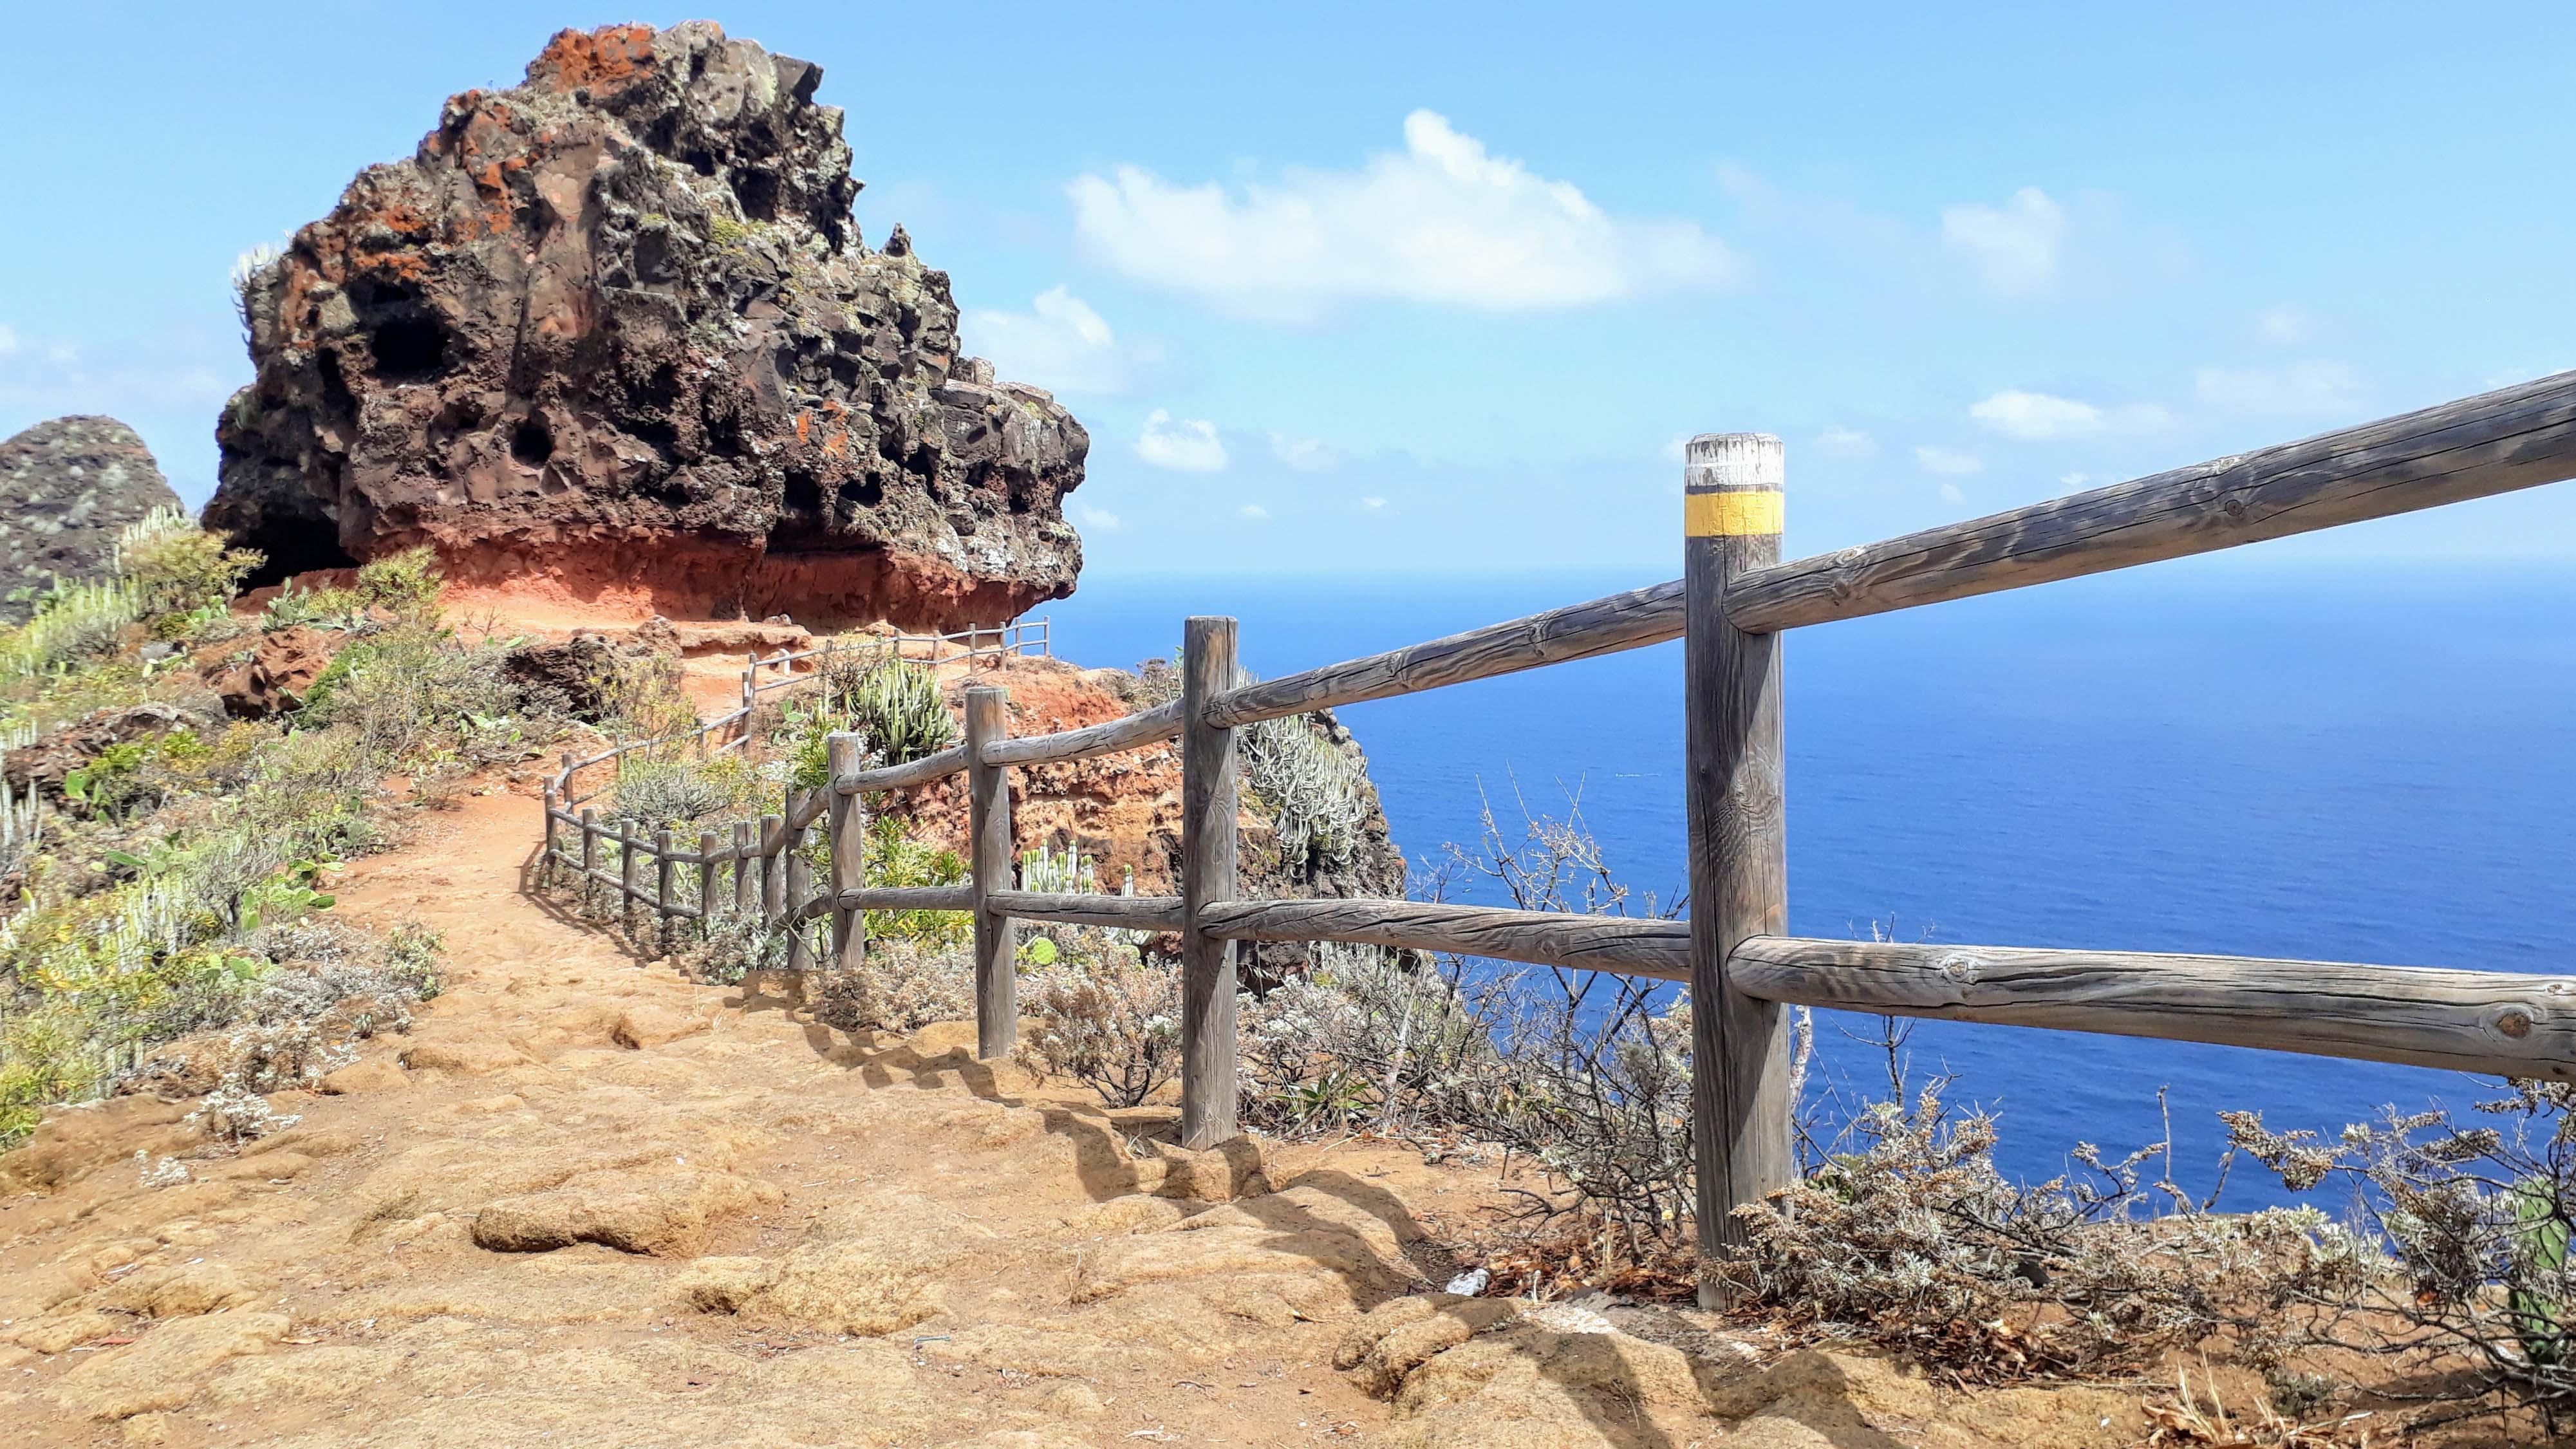 Teneriffa Karte Europa.Kanaren Guide Welche Kanarische Insel Ist Die Beste The